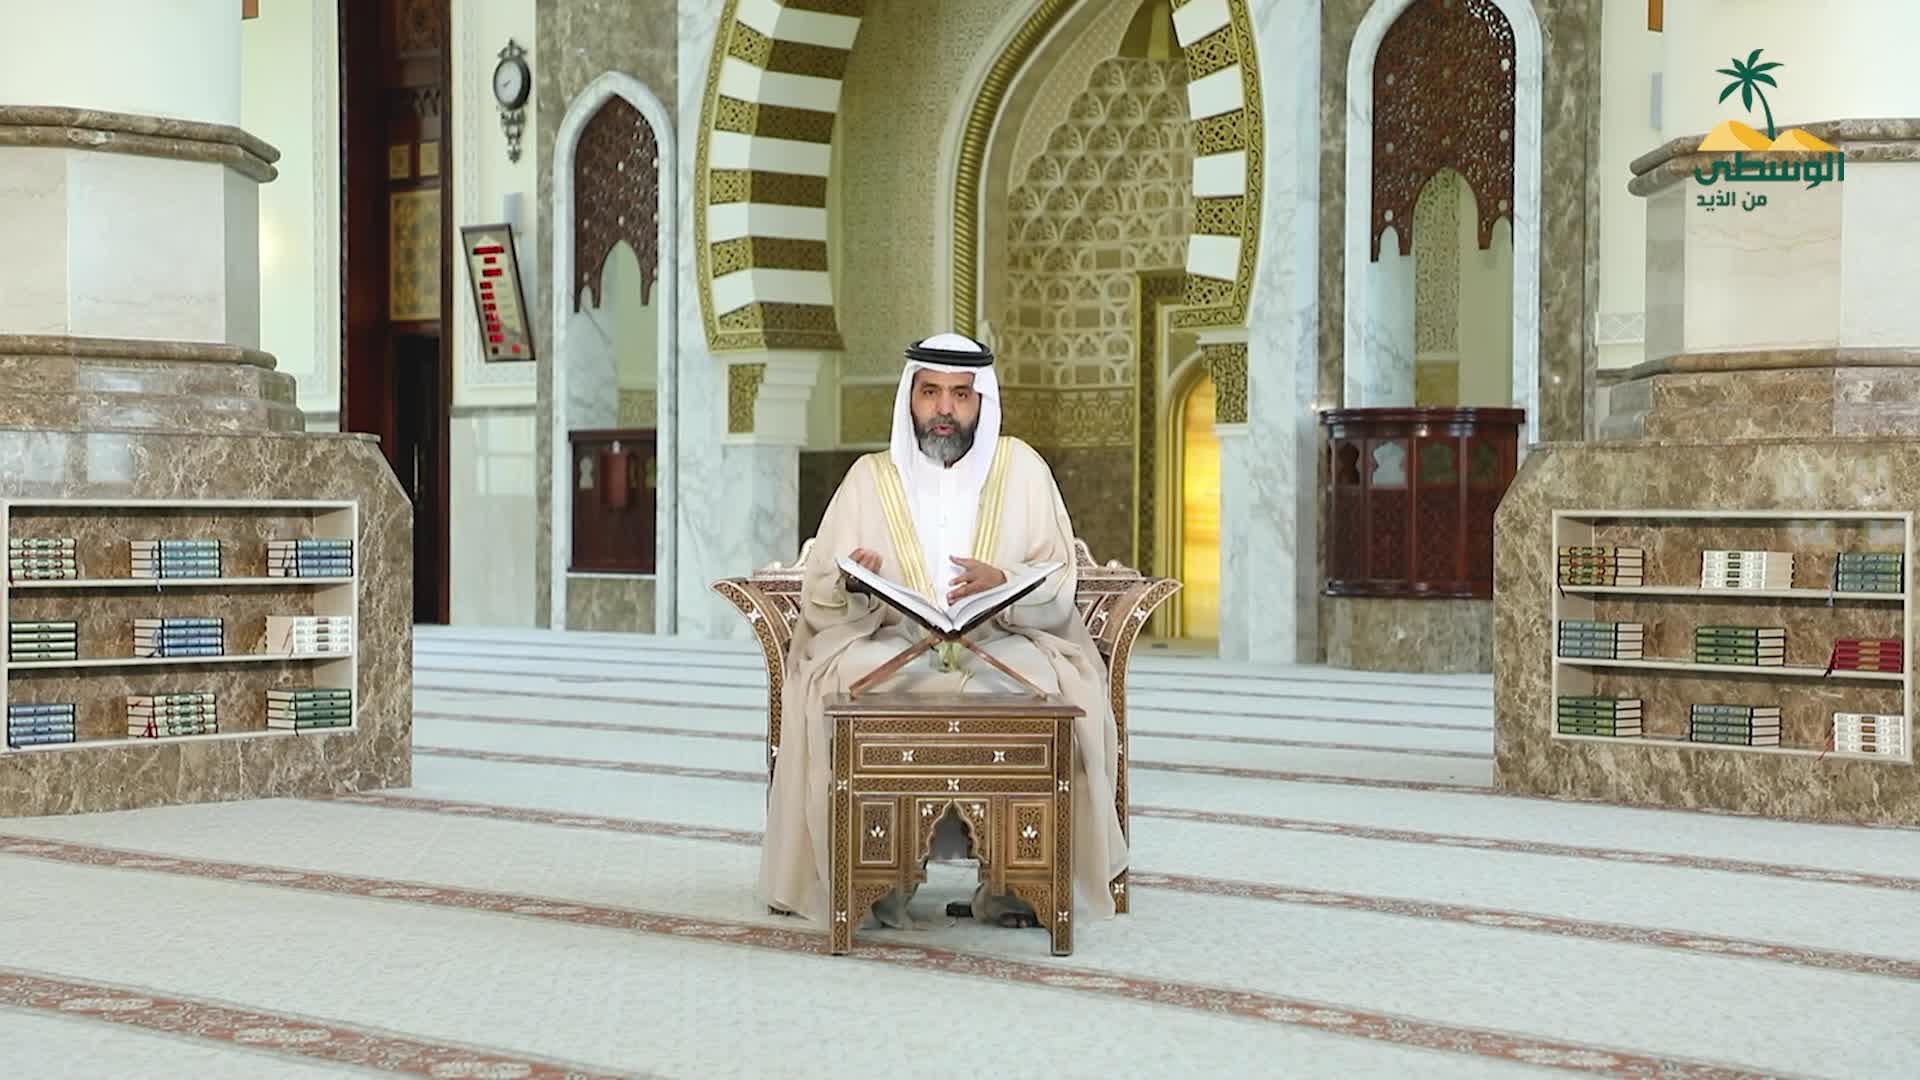 آداب وأحكام - أول أيام العيد 13-5-2021